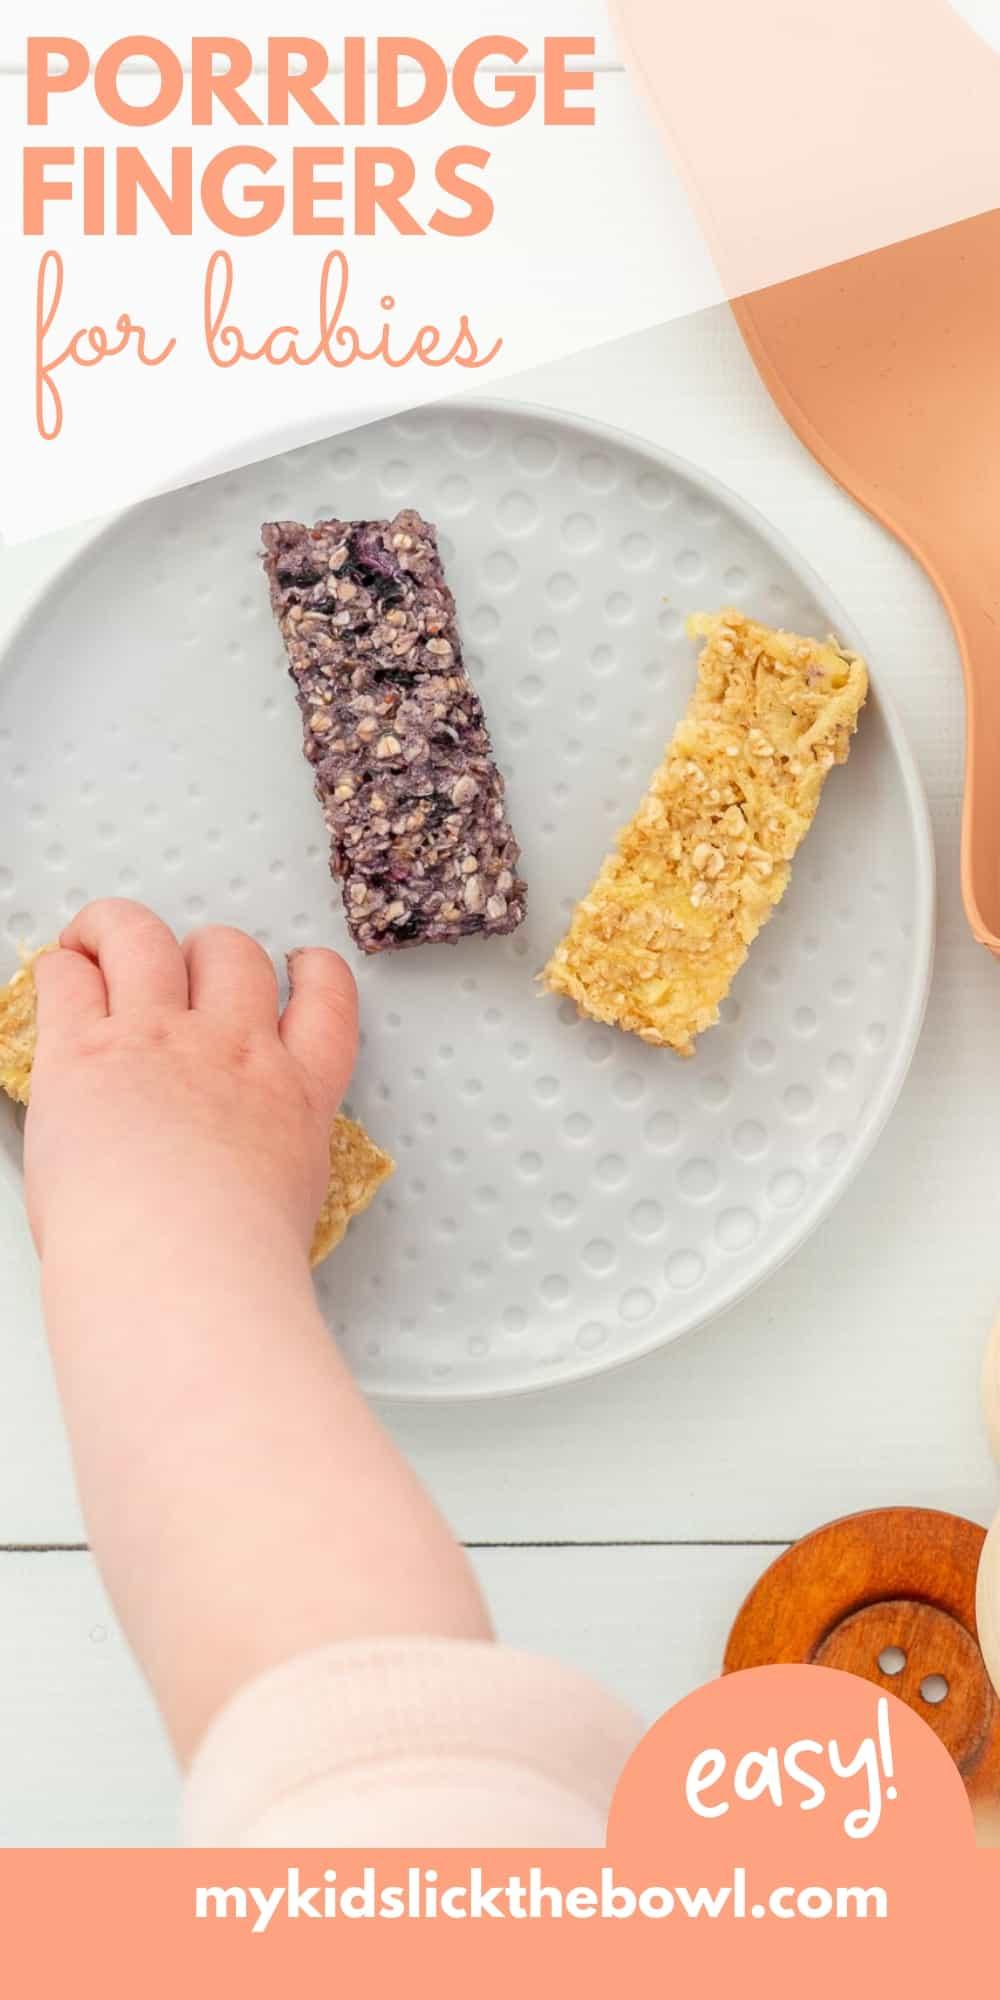 baby's hand reaching for porridge fingers